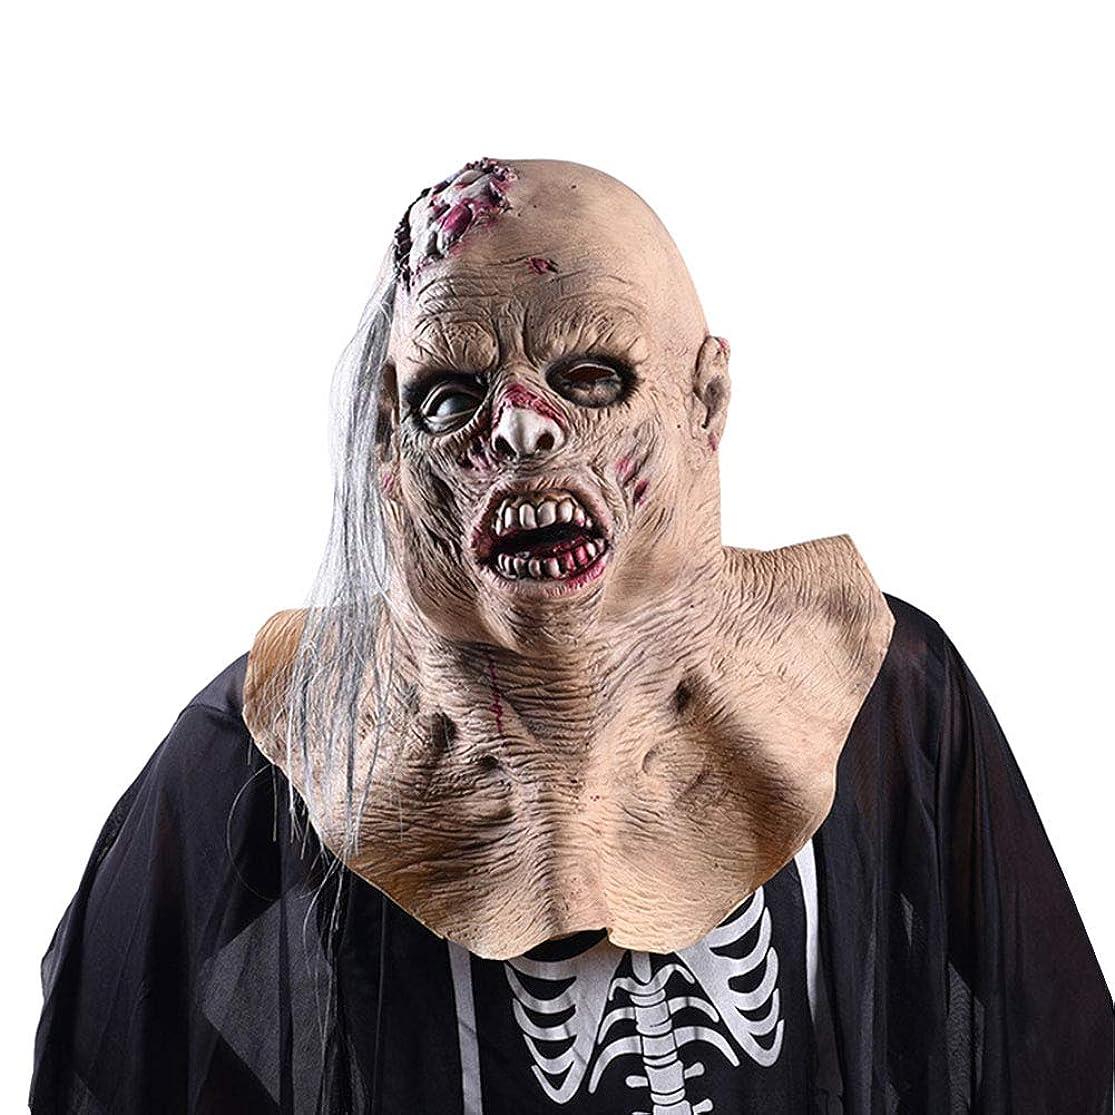 上クラス殉教者ハロウィーンマスク、吸血鬼のラテックスマスク、ハロウィーン、テーマパーティー、カーニバル、レイブパーティー、バー、小道具。